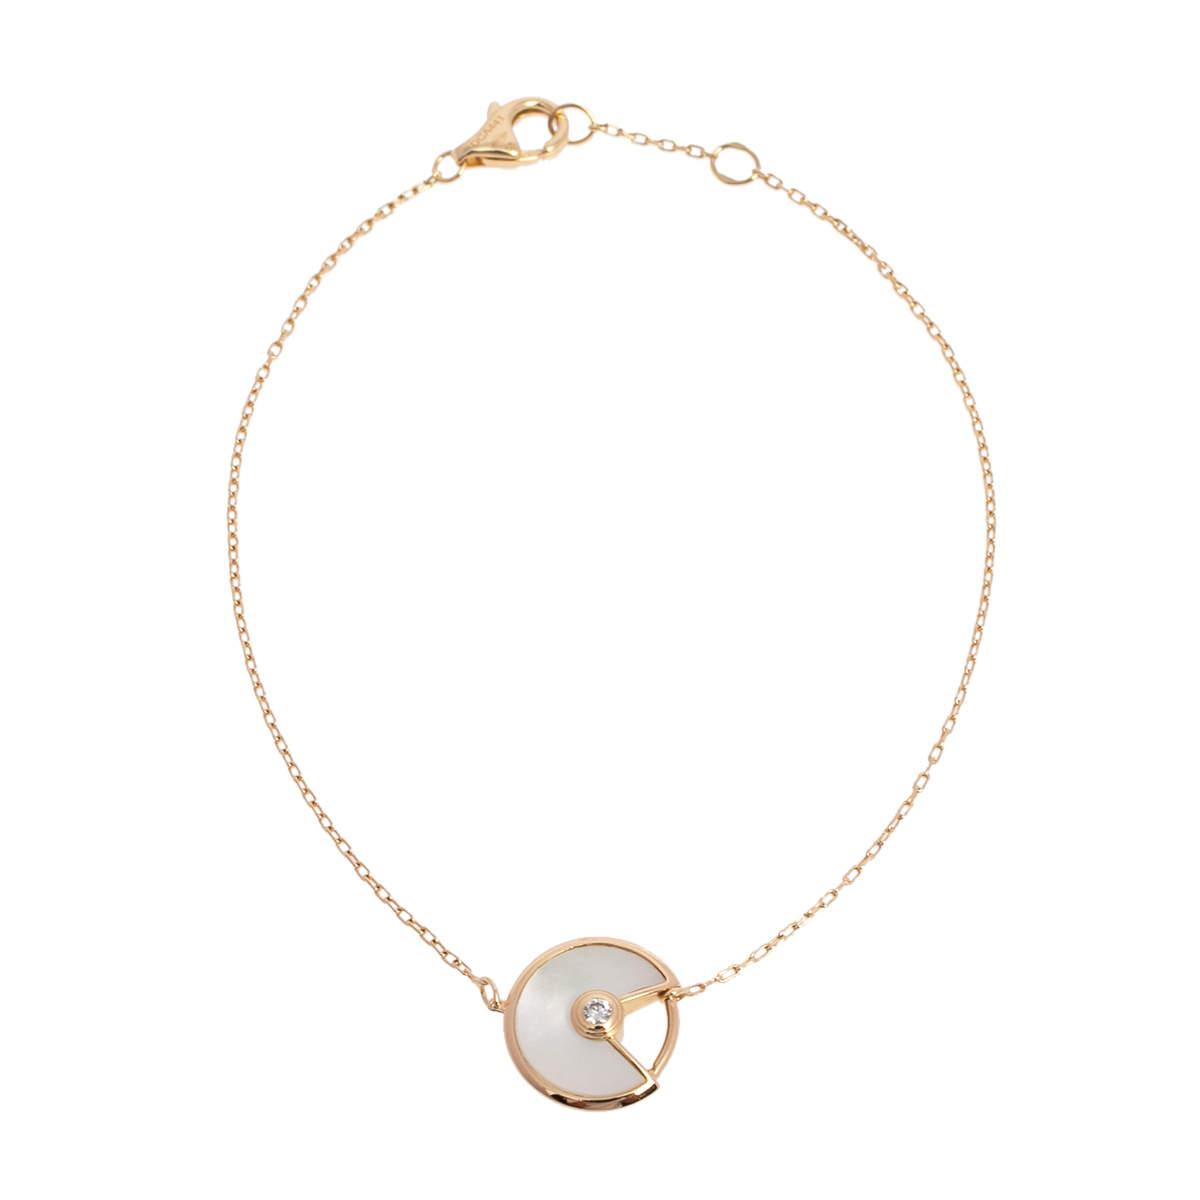 Cartier Amulette De Cartier 18K Yellow Gold Diamond & Mother of Pearl Bracelet XS